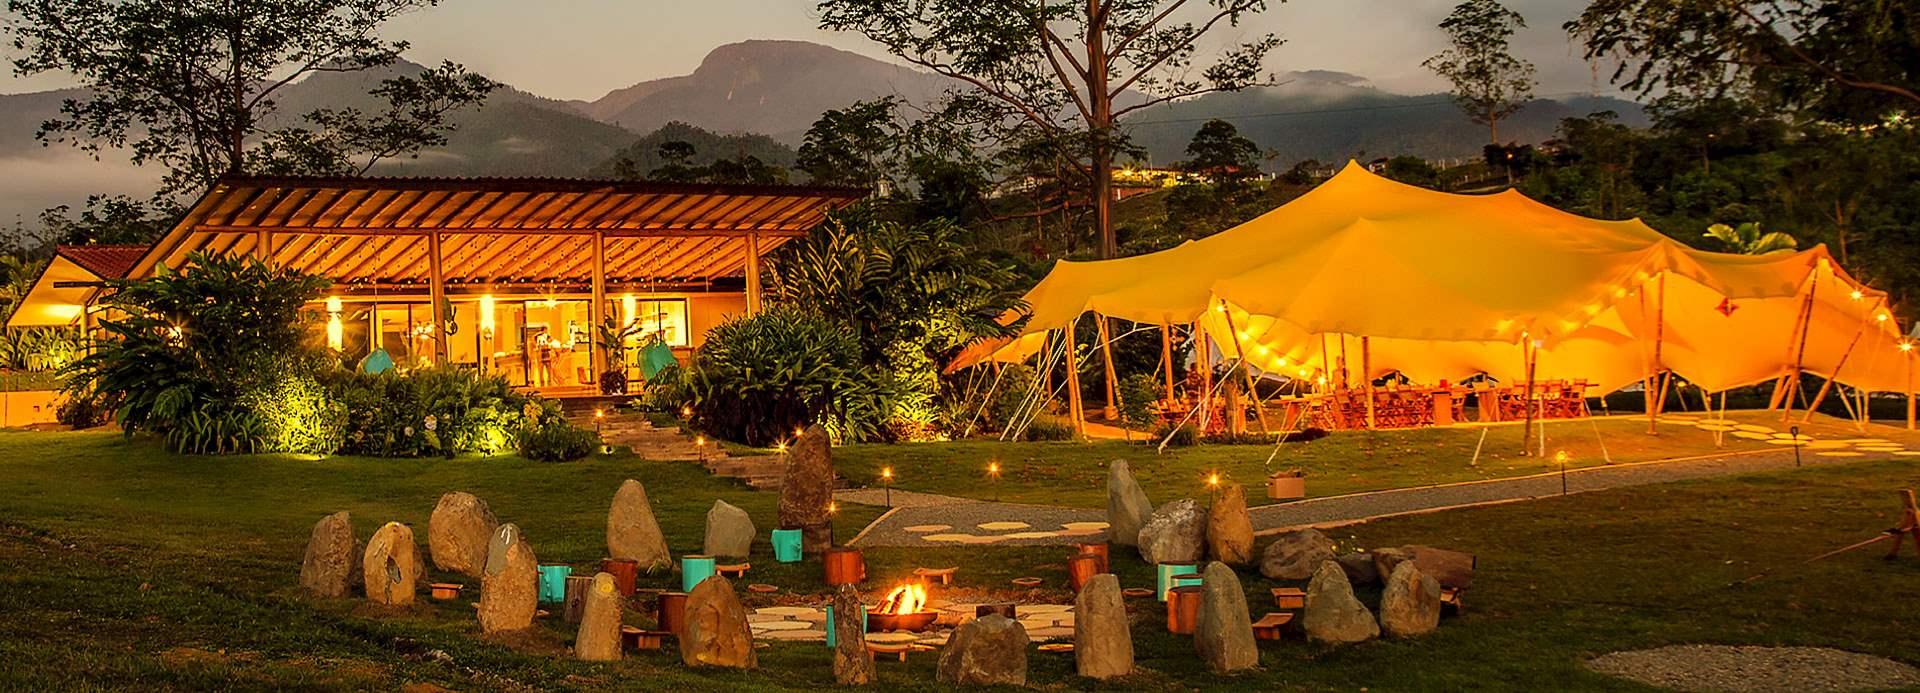 outdoor area at kinkara luxury retreat